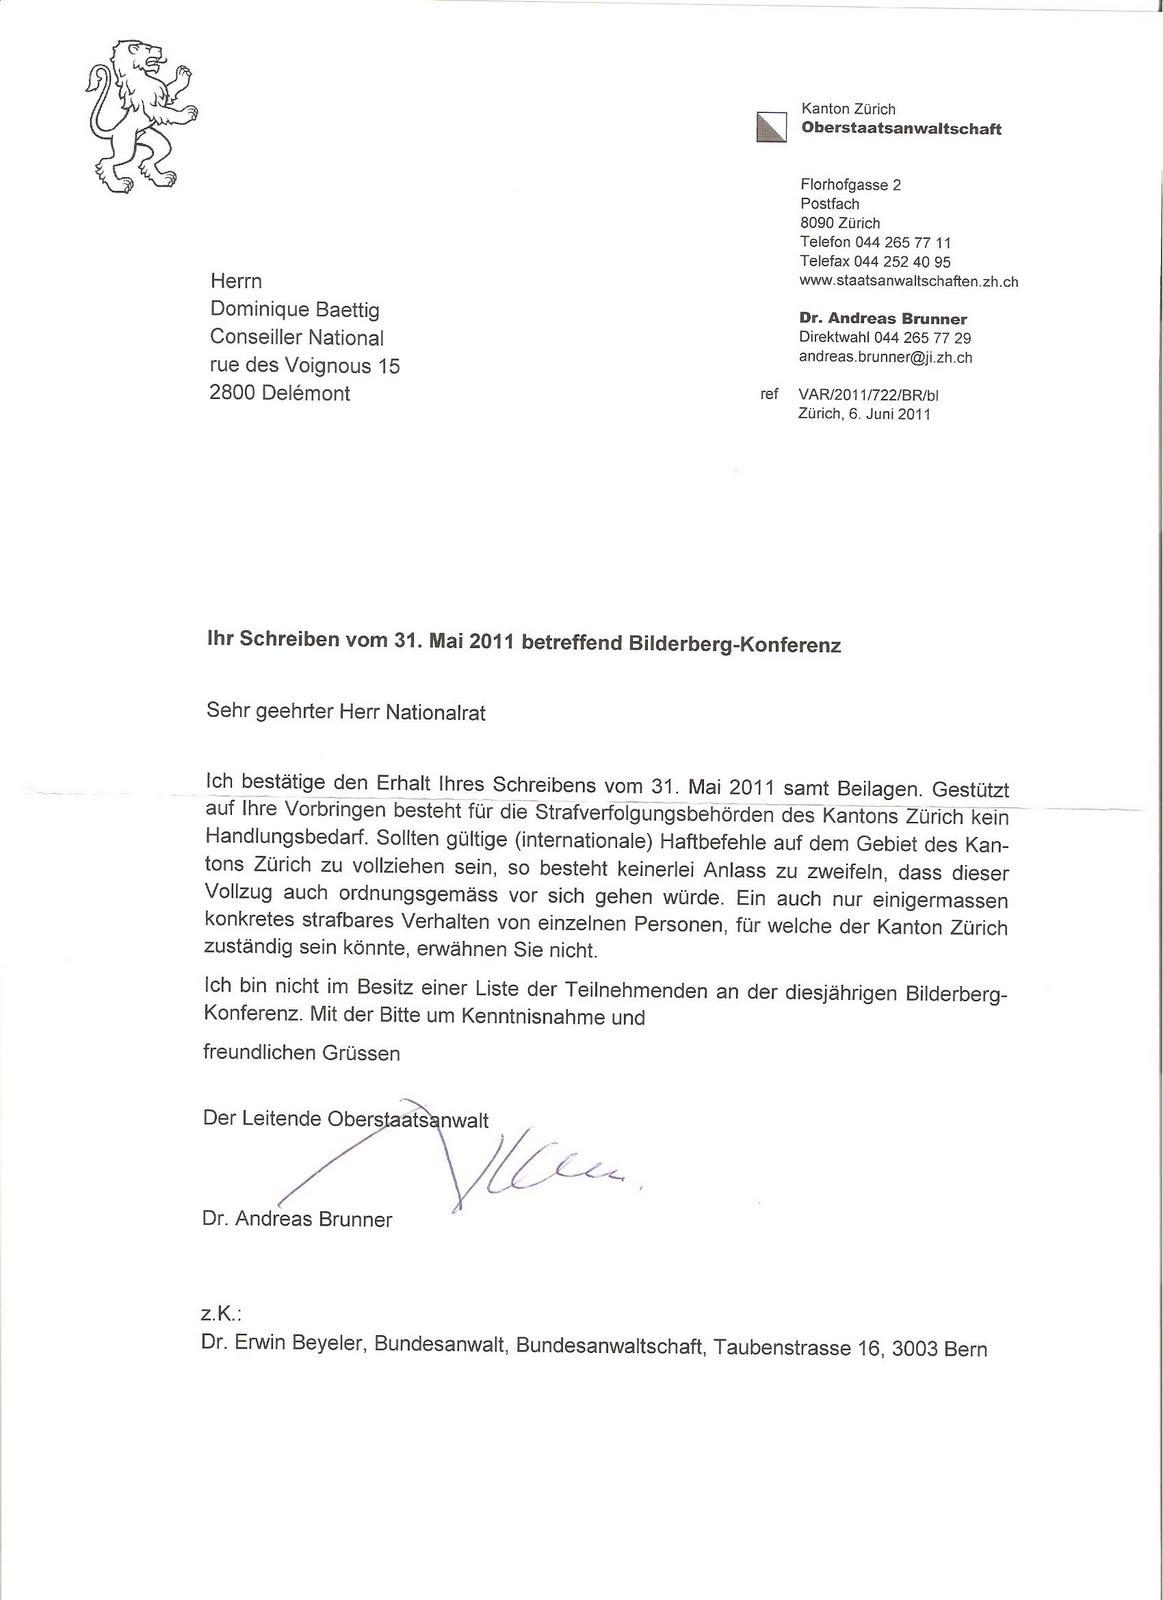 Alles Schall Und Rauch Antwort Des Oberstaatsanwalt Des Kanton Zürich